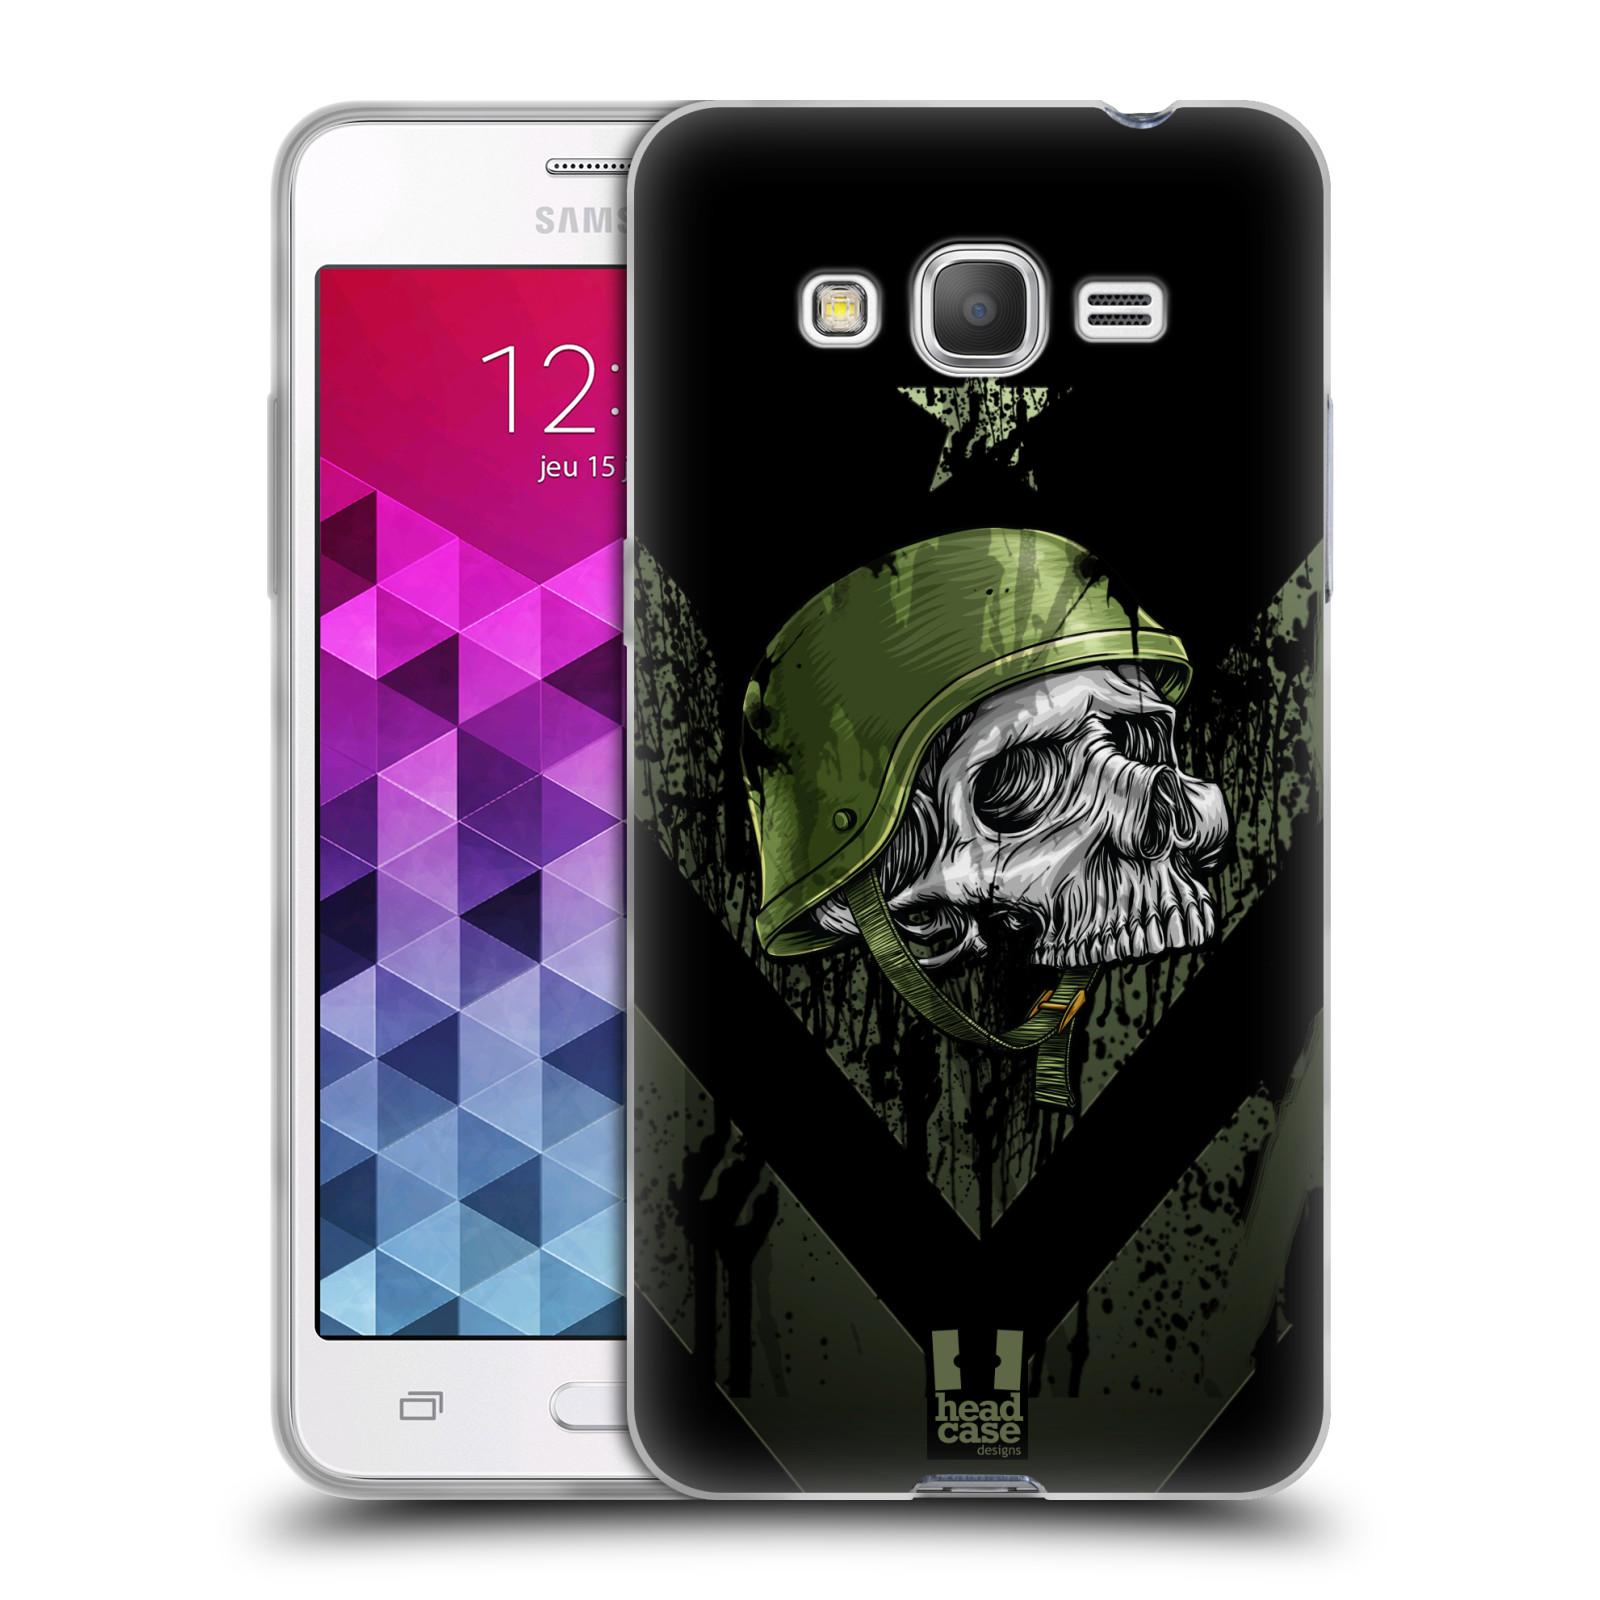 Silikonové pouzdro na mobil Samsung Galaxy Grand Prime HEAD CASE LEBKA ONE MAN